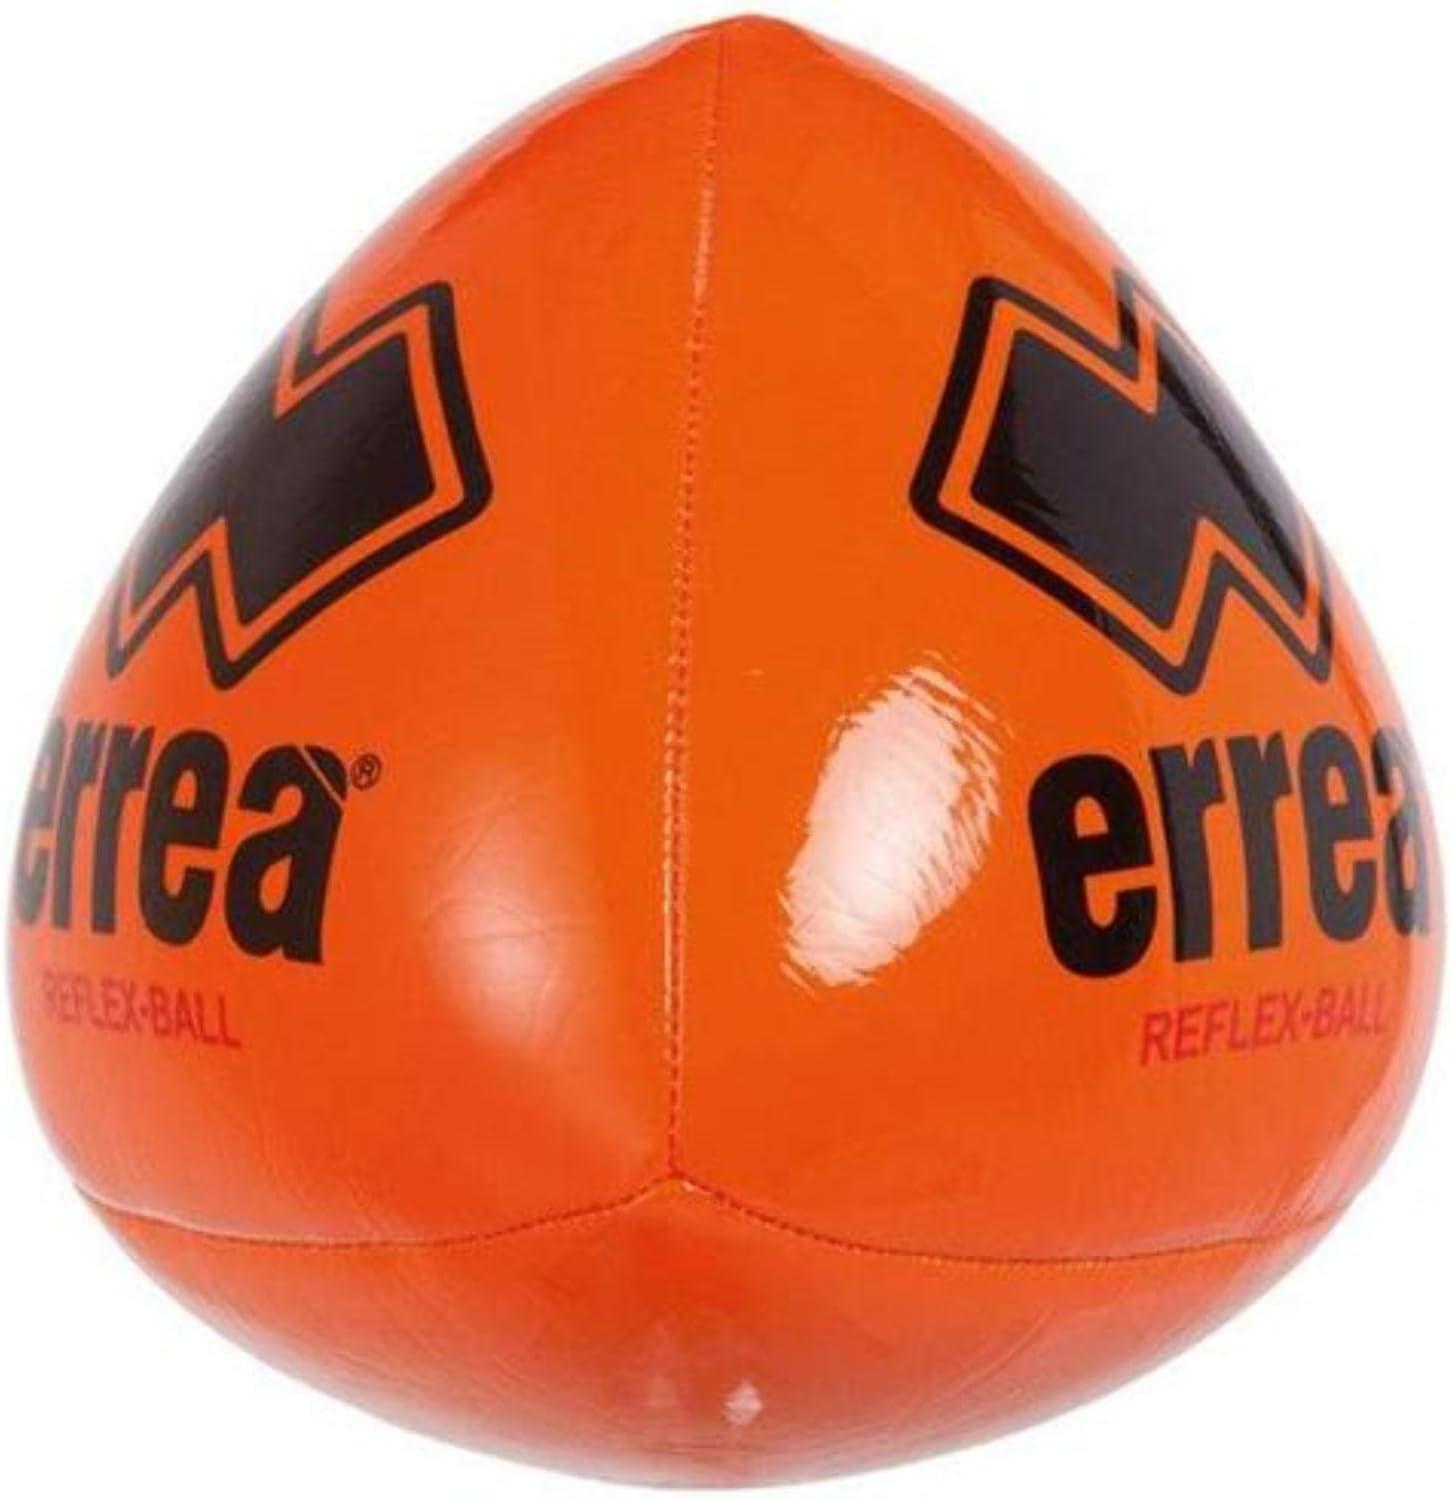 Errea Ballon Réflexe gardien Trick: Amazon.es: Deportes y aire libre